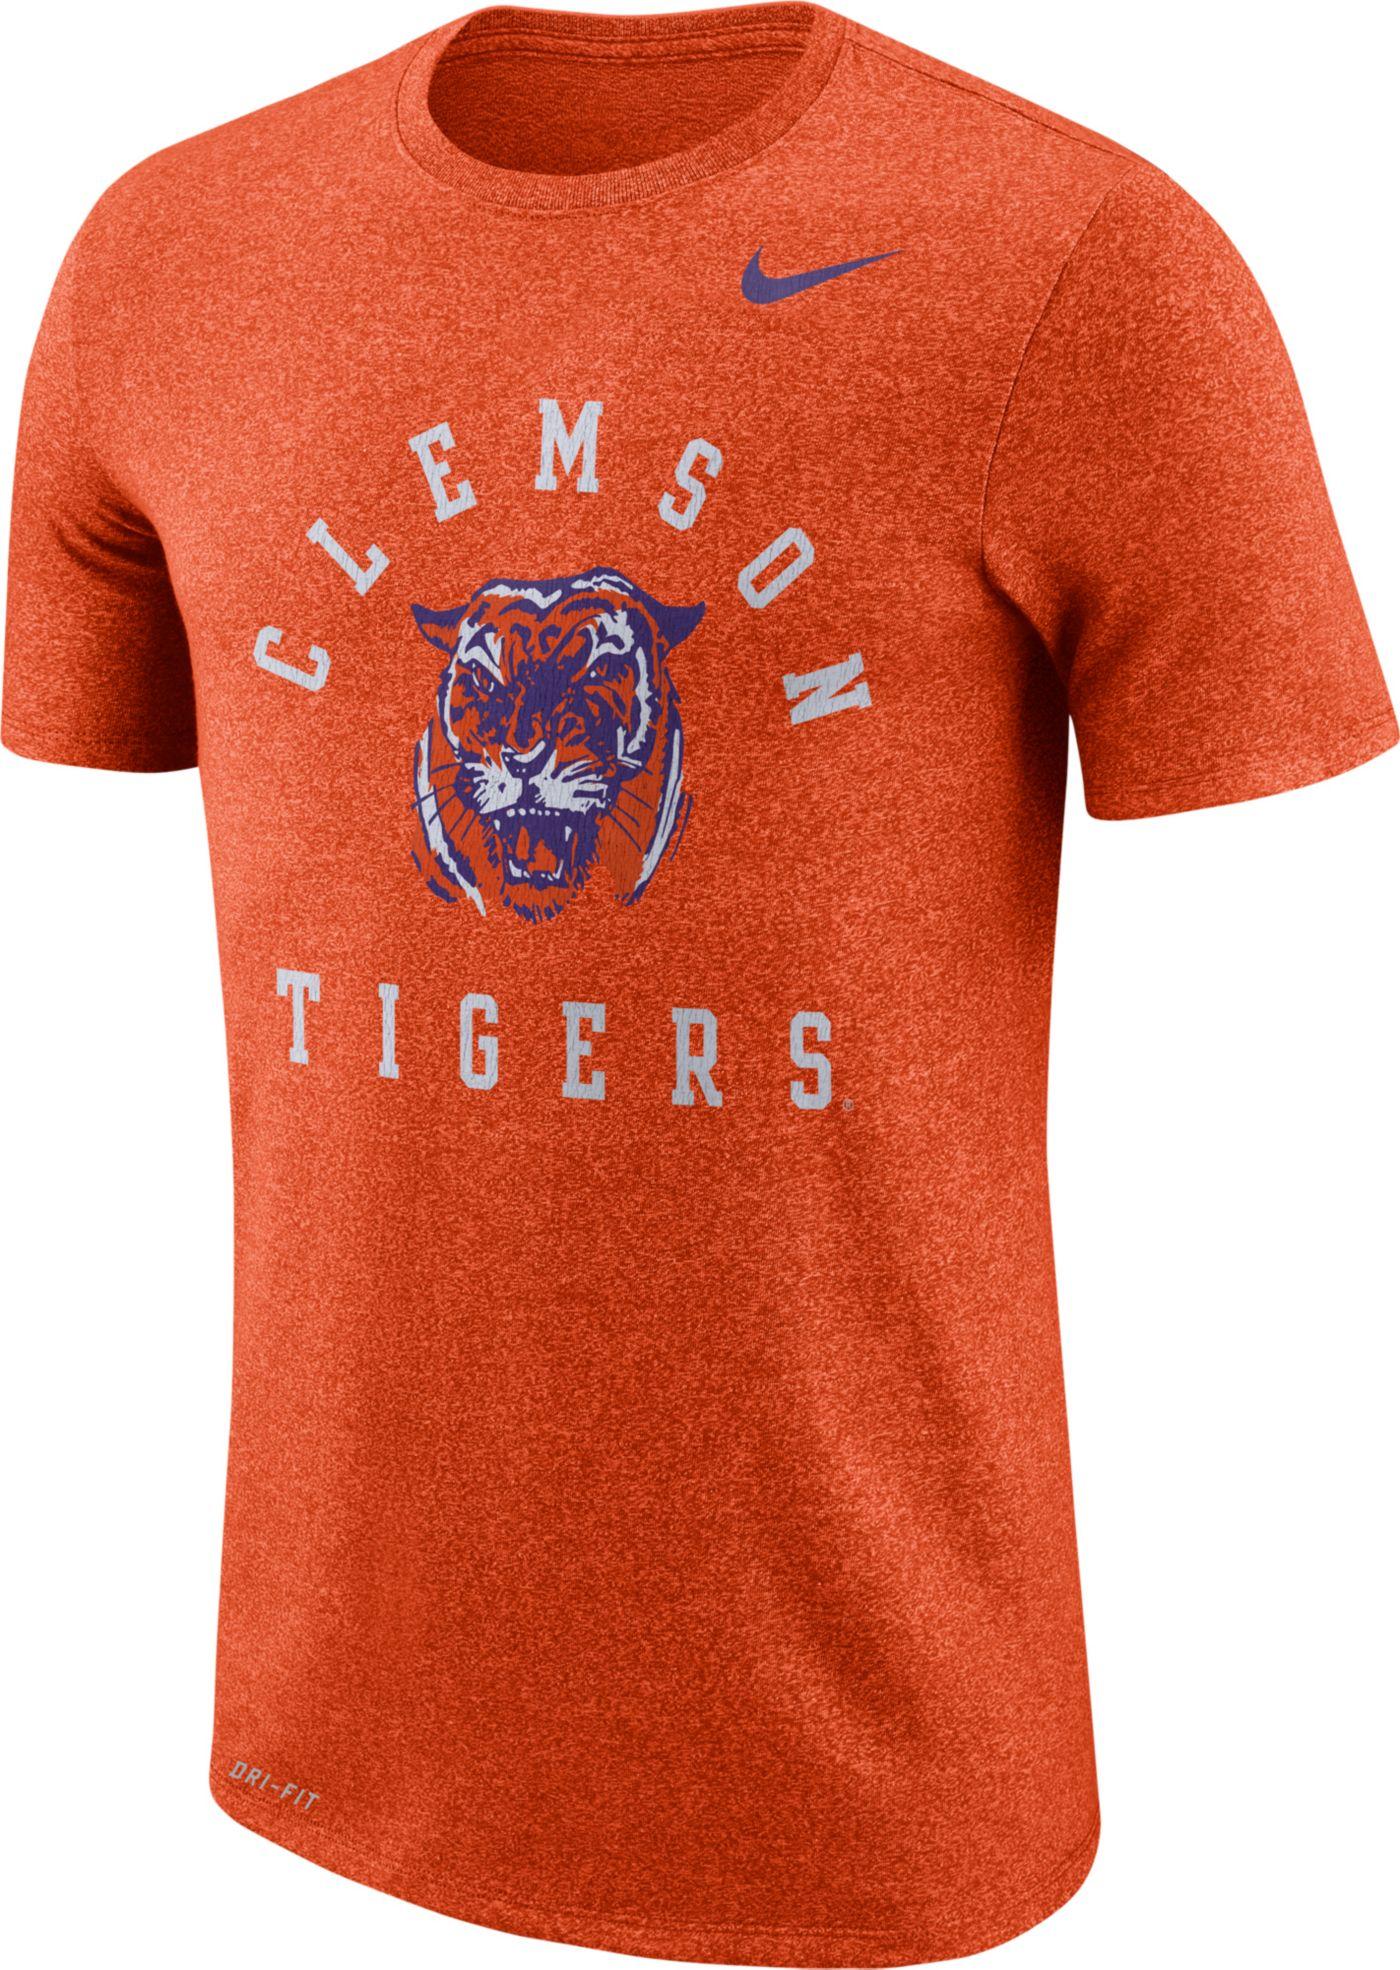 Nike Men's Clemson Tigers Orange Marled Raglan T-Shirt